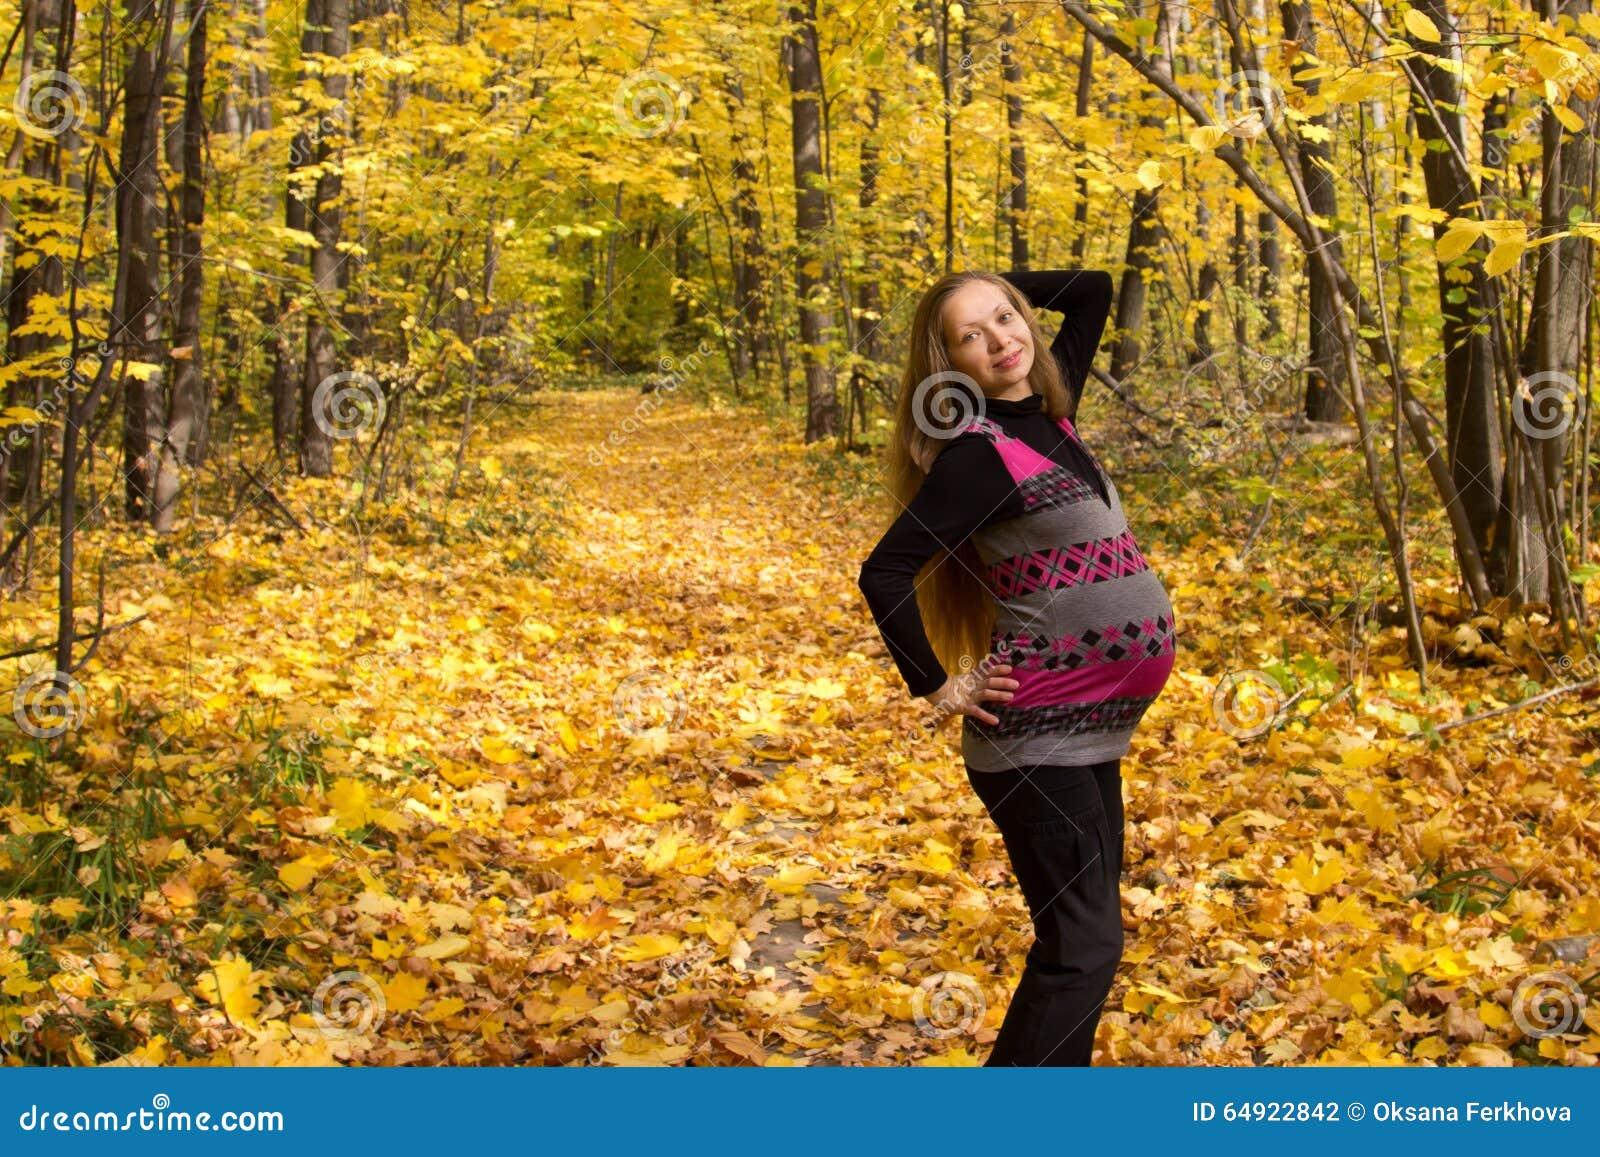 妊妇先锋影�_走在金黄秋天森林妊妇,一名妇女在第九个月怀孕.